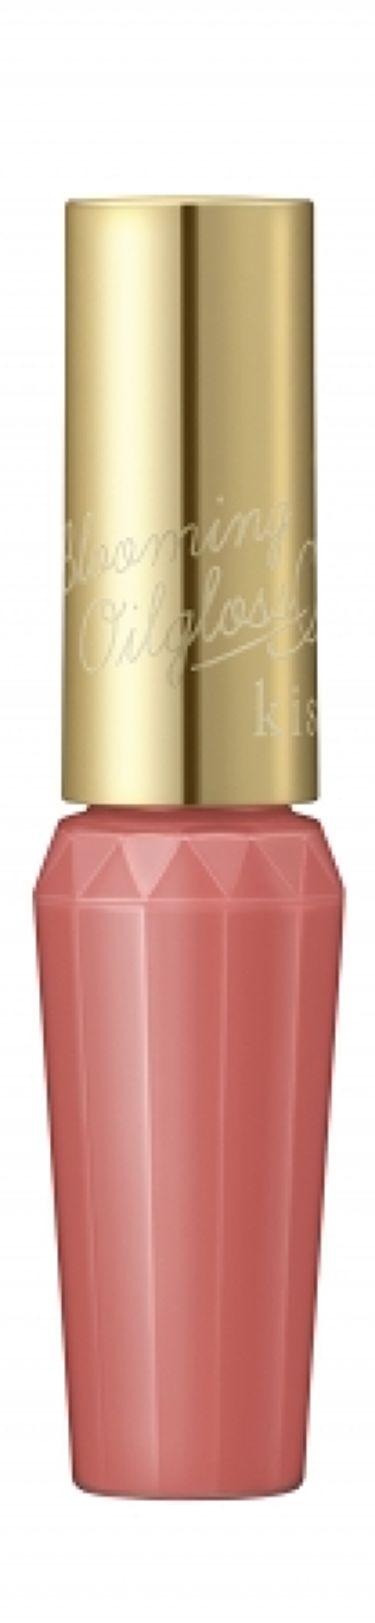 ブルーミングオイルグロス 08 Cherry Blossom